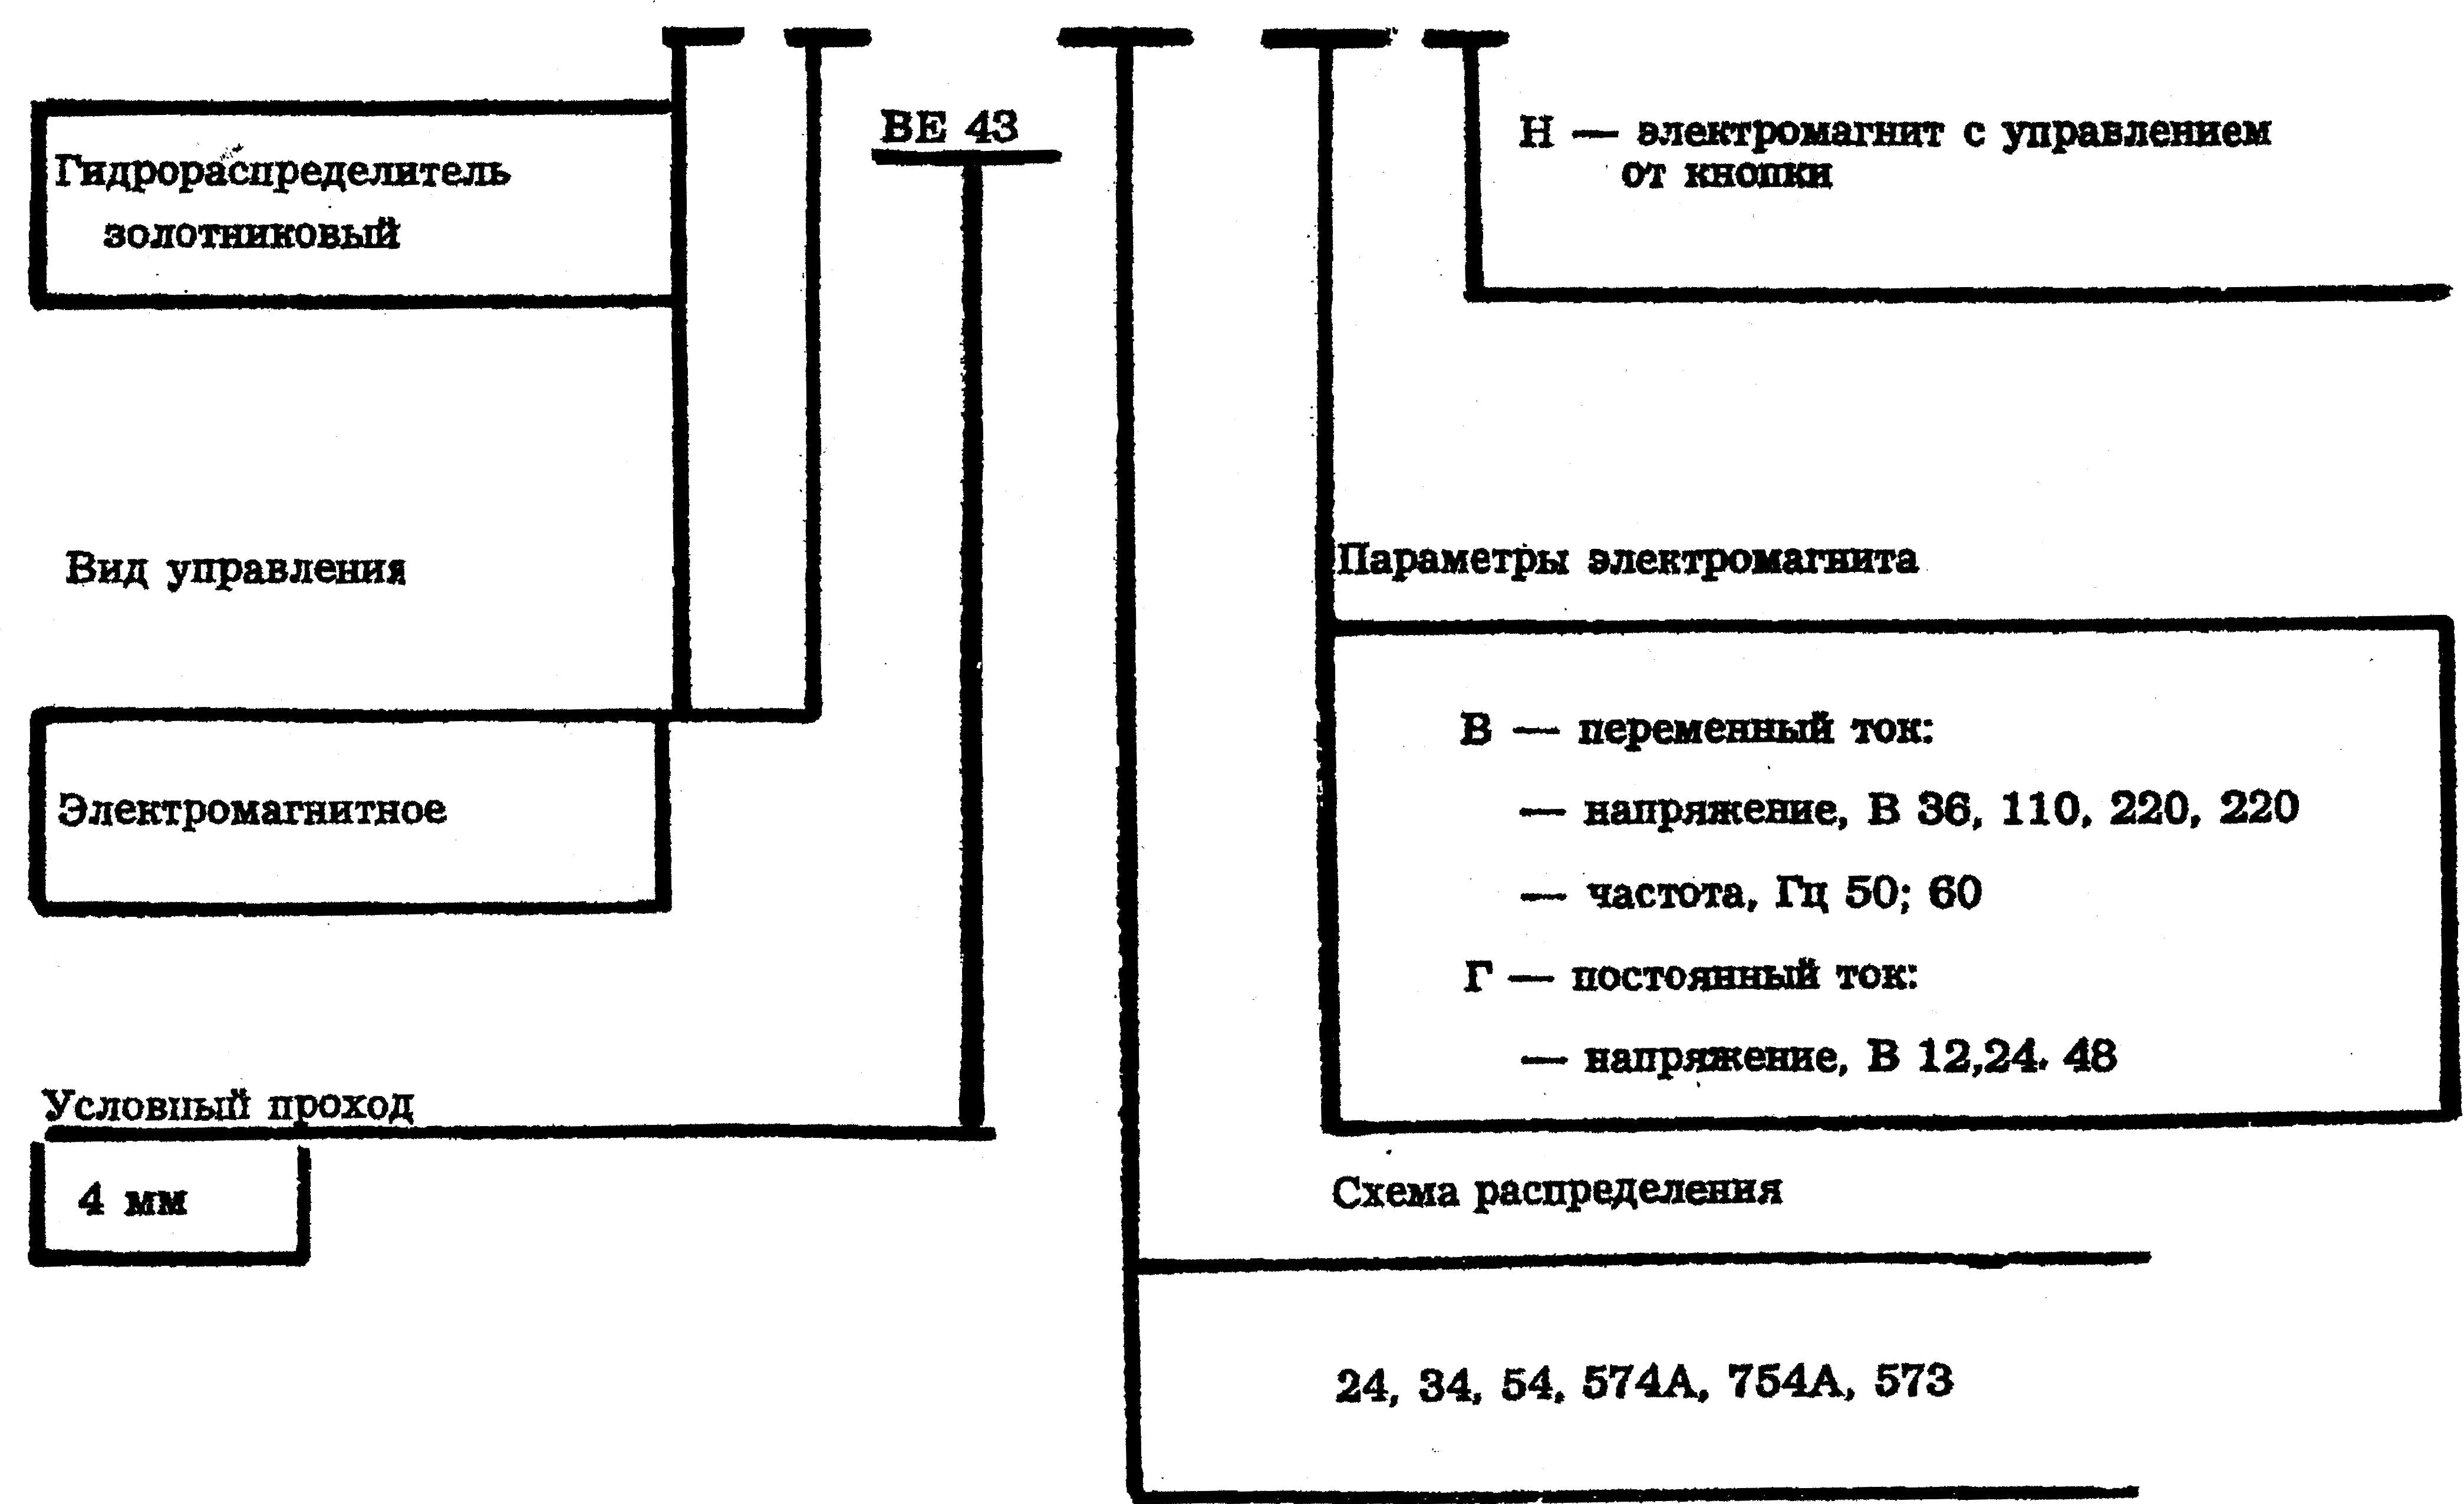 Расшифровка обозначения ВЕ 43